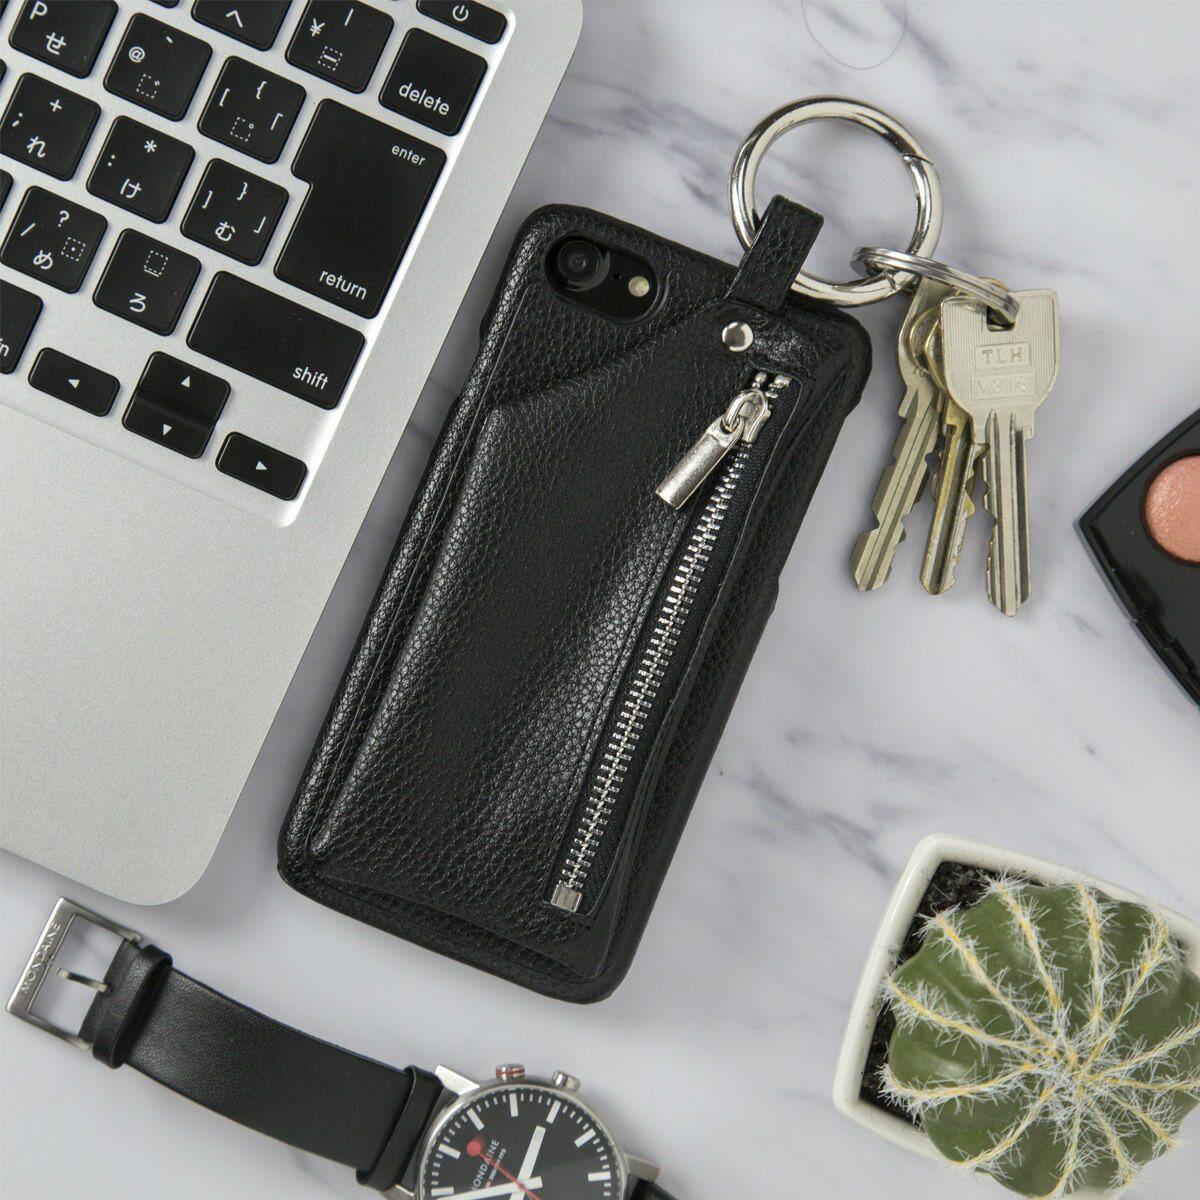 iPhone6/6s/7/8/7Plus/8Plus コインケース付きレザーケース | アイフォン 人気 ブランド 革 財布 小銭入れ ミニマリスト シンプル メンズ 大人 かっこいい かわいい おしゃれ スマホ スマフォ カバー ケース ポイント消化